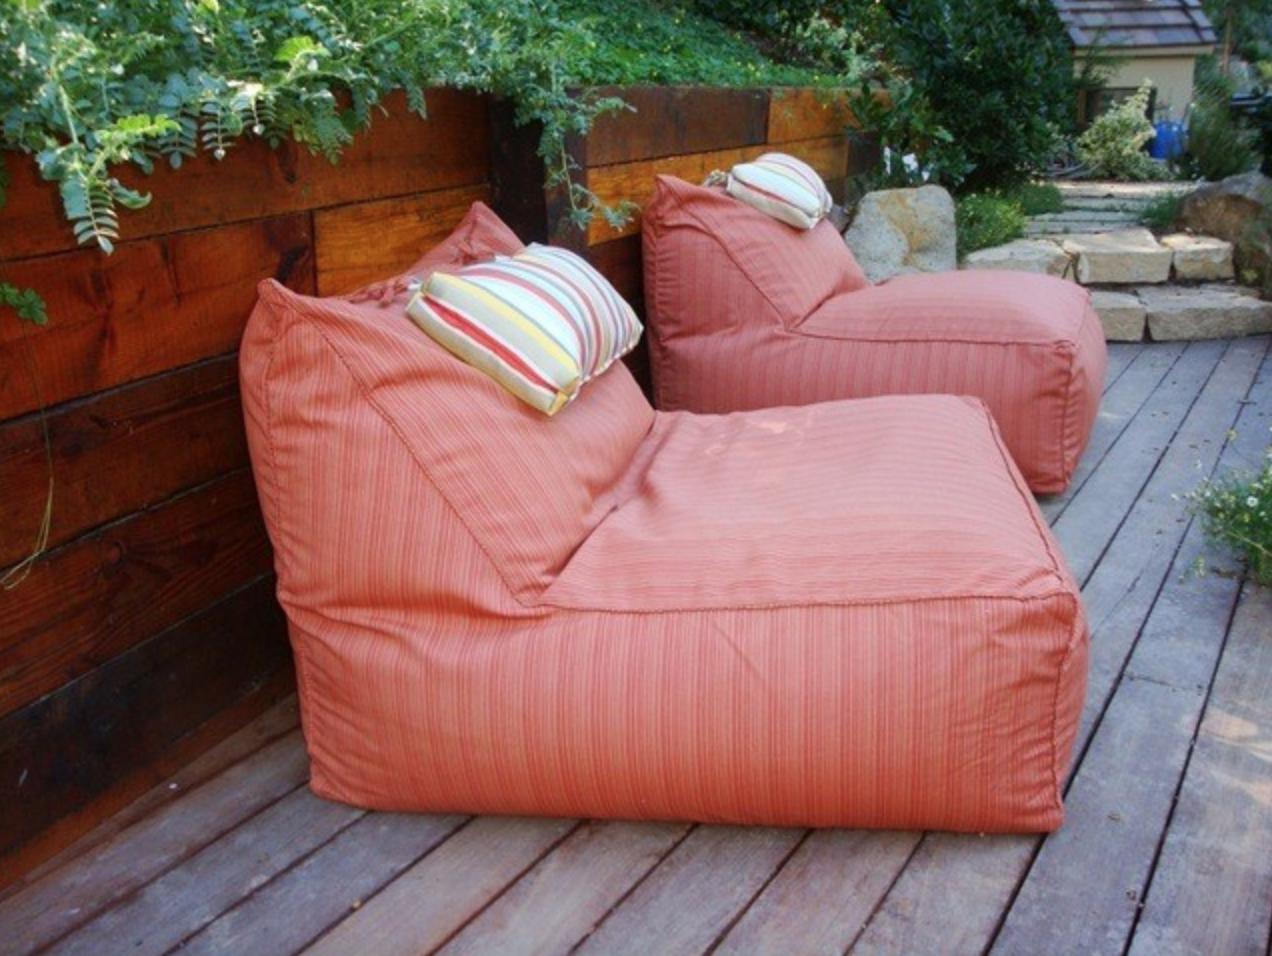 outdoor bean bags - outdoor entertainaing